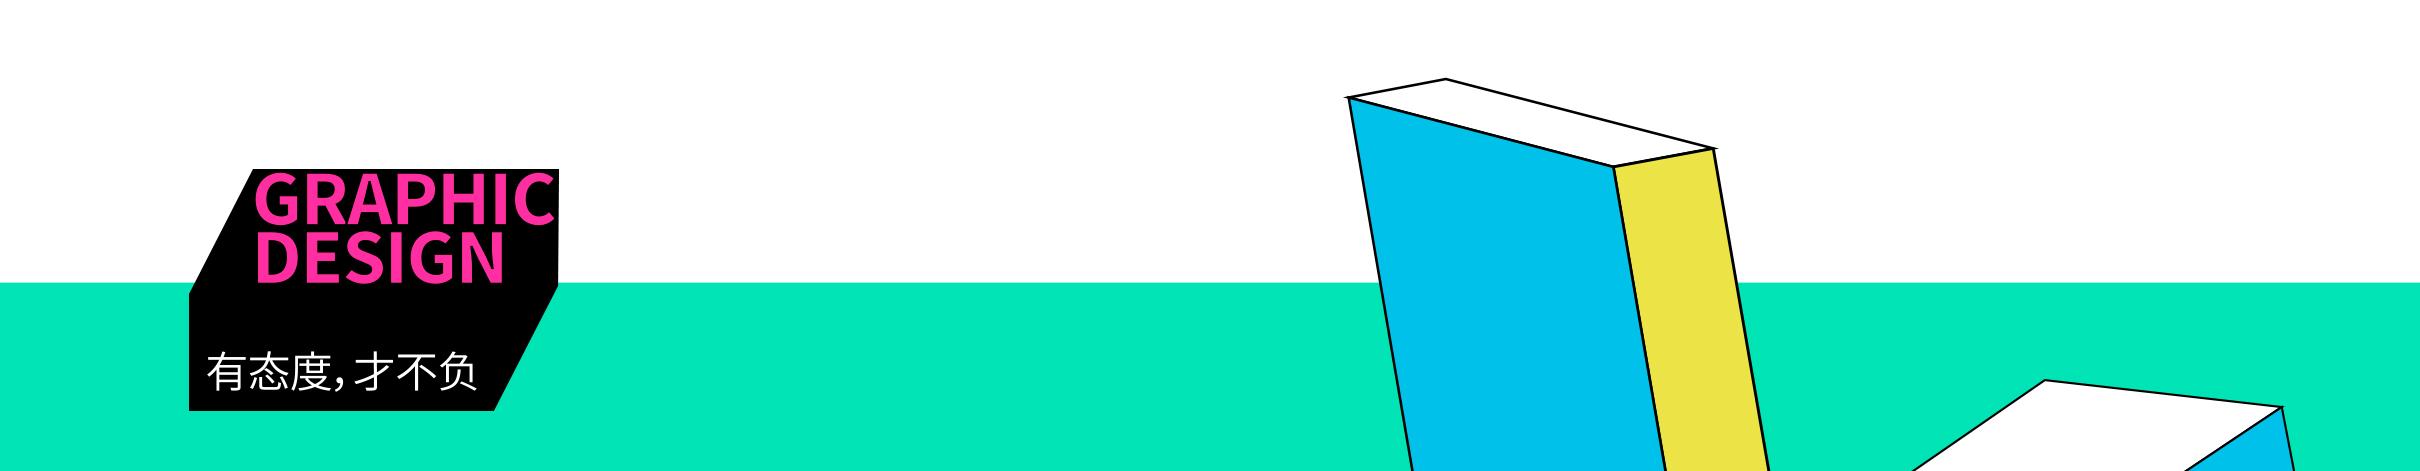 1-_03.jpg